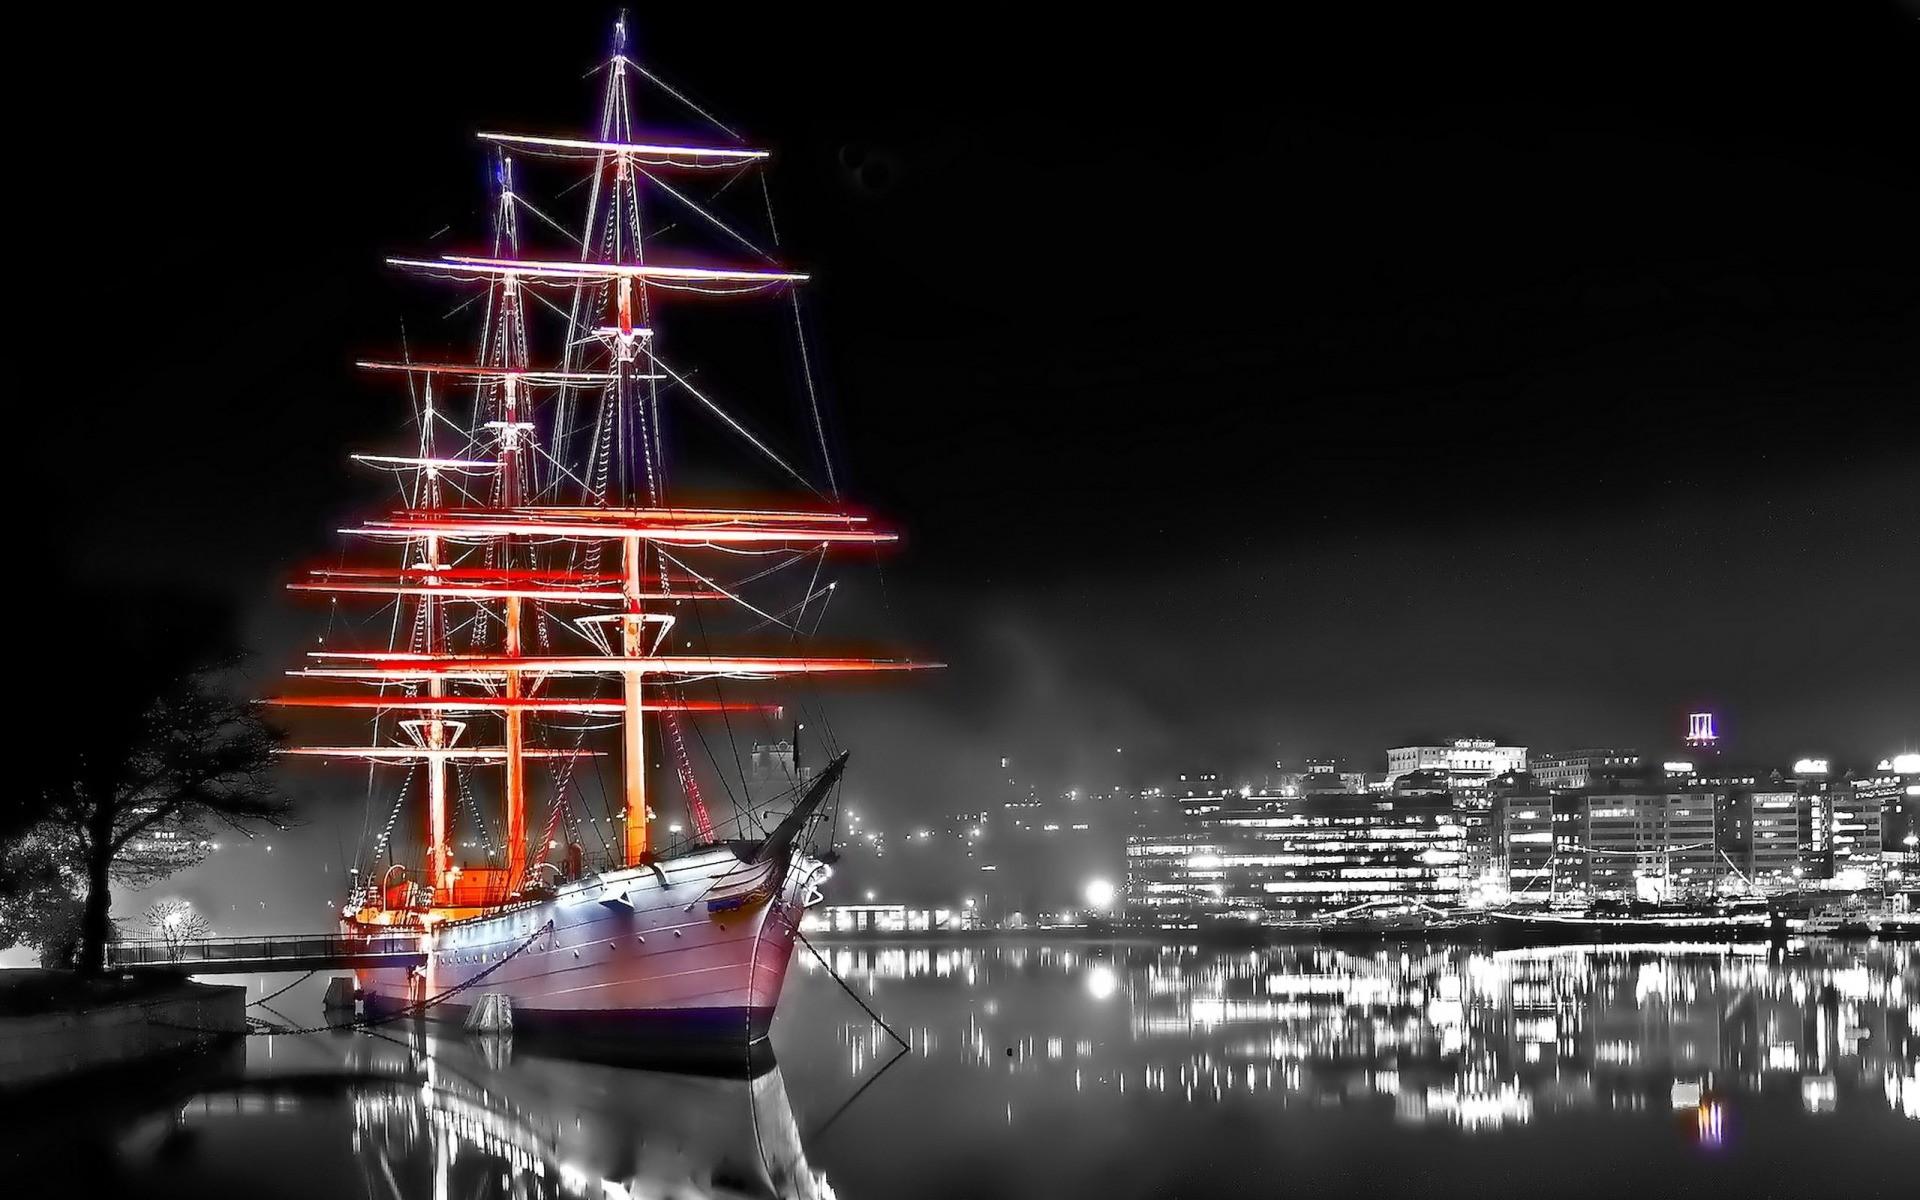 kapal seni digital perahu Cityscape malam refleksi kendaraan mewarnai selektif menara perahu tiang kapal